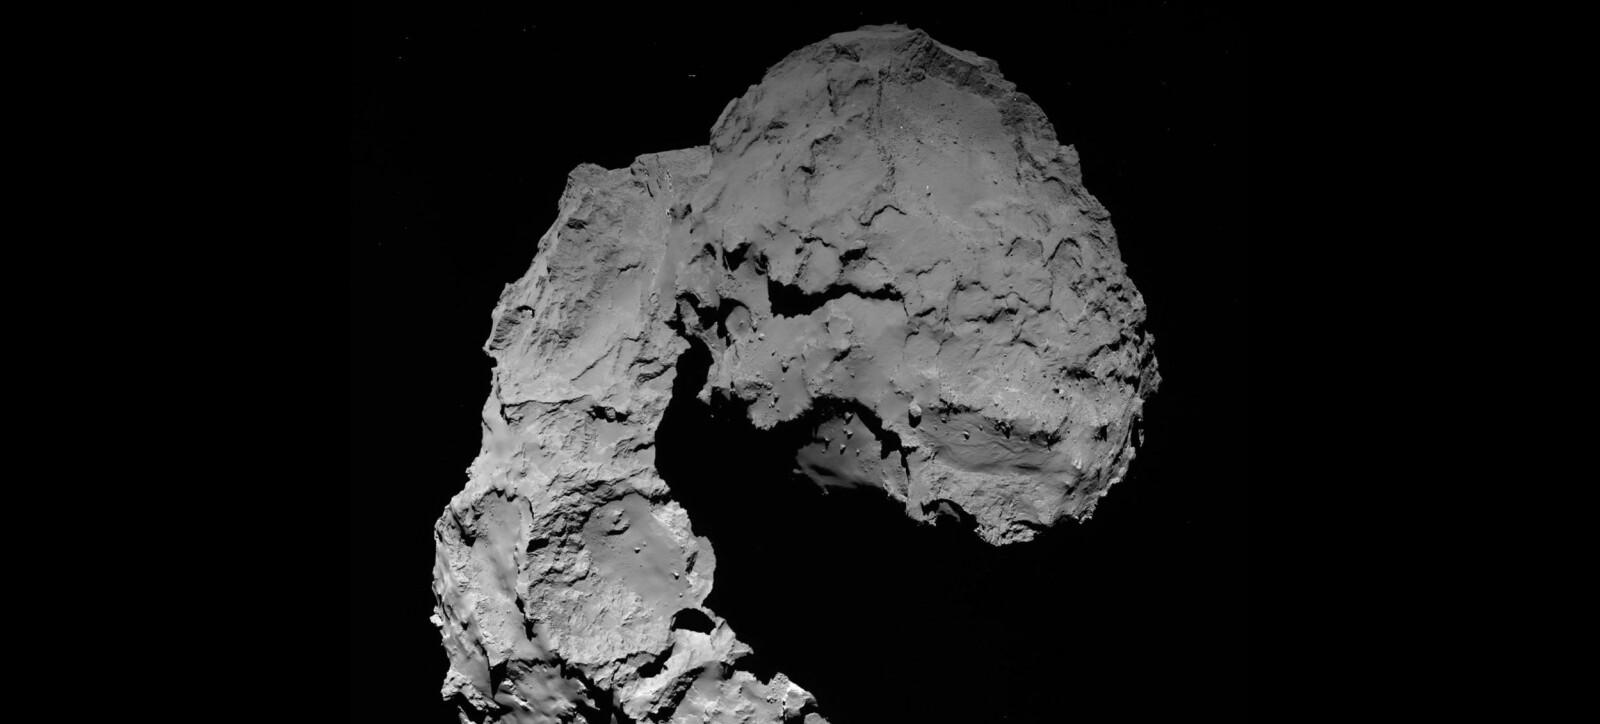 <b>DØDBRINGER:</b> Astrofysikere er sikre på at jorden på et eller annet tidspunkt kan bli truffet av en stor asteroide minst like stor som den som utryddet dinosaurene. Bildet viser kometen 67P/Churyumov-Gerasimenko.